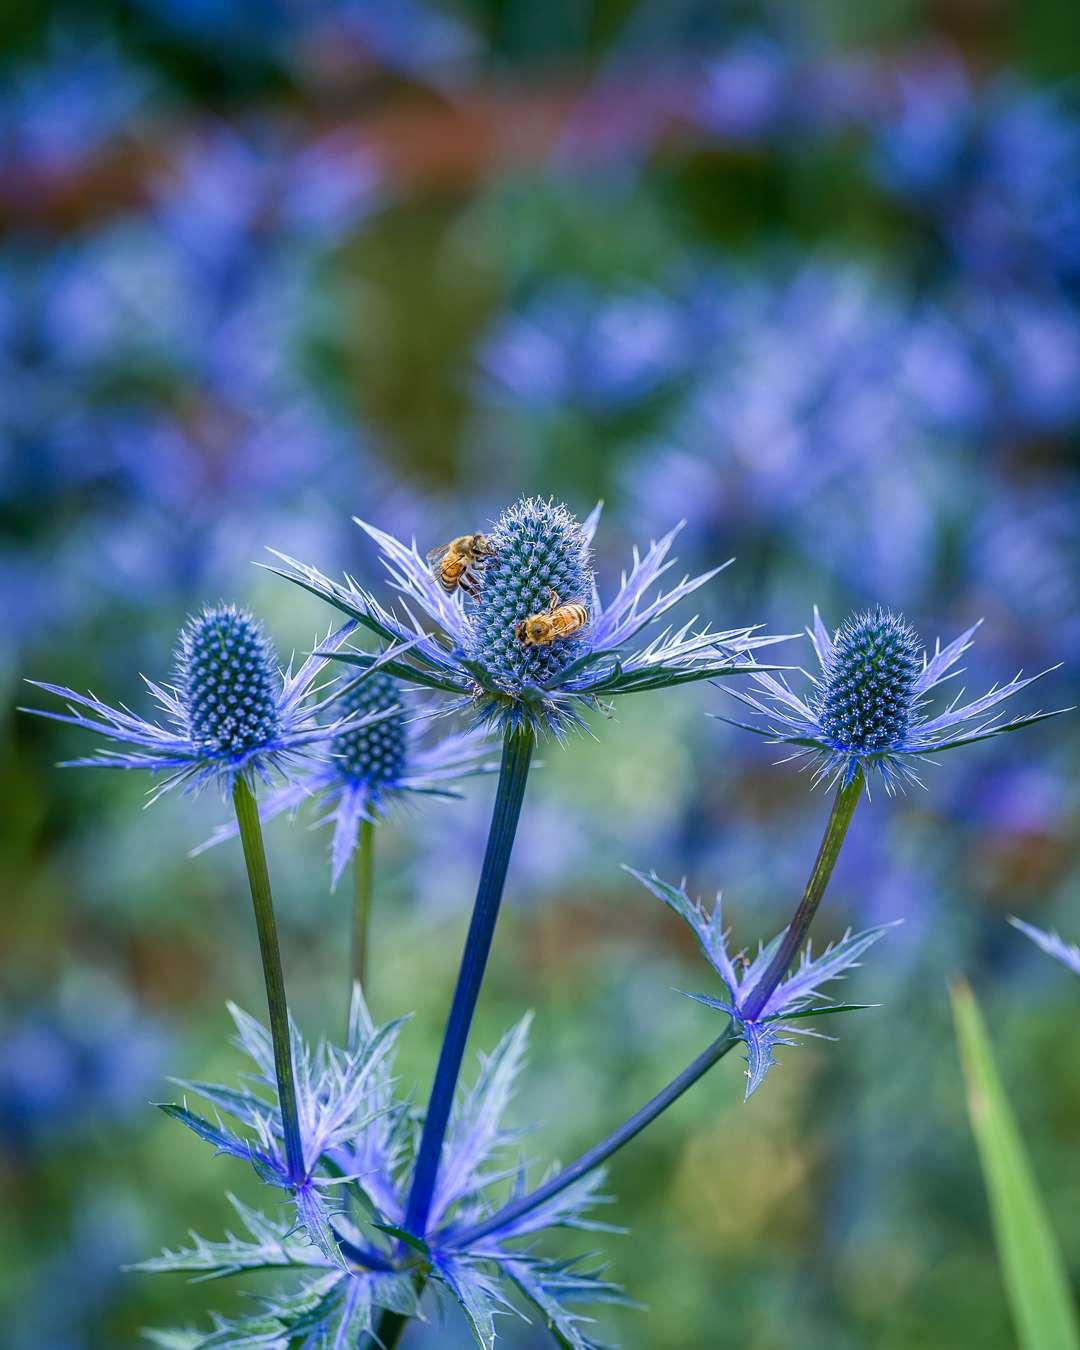 Koboltblå blomster på en alpemandstro får besøg af mange honningbier